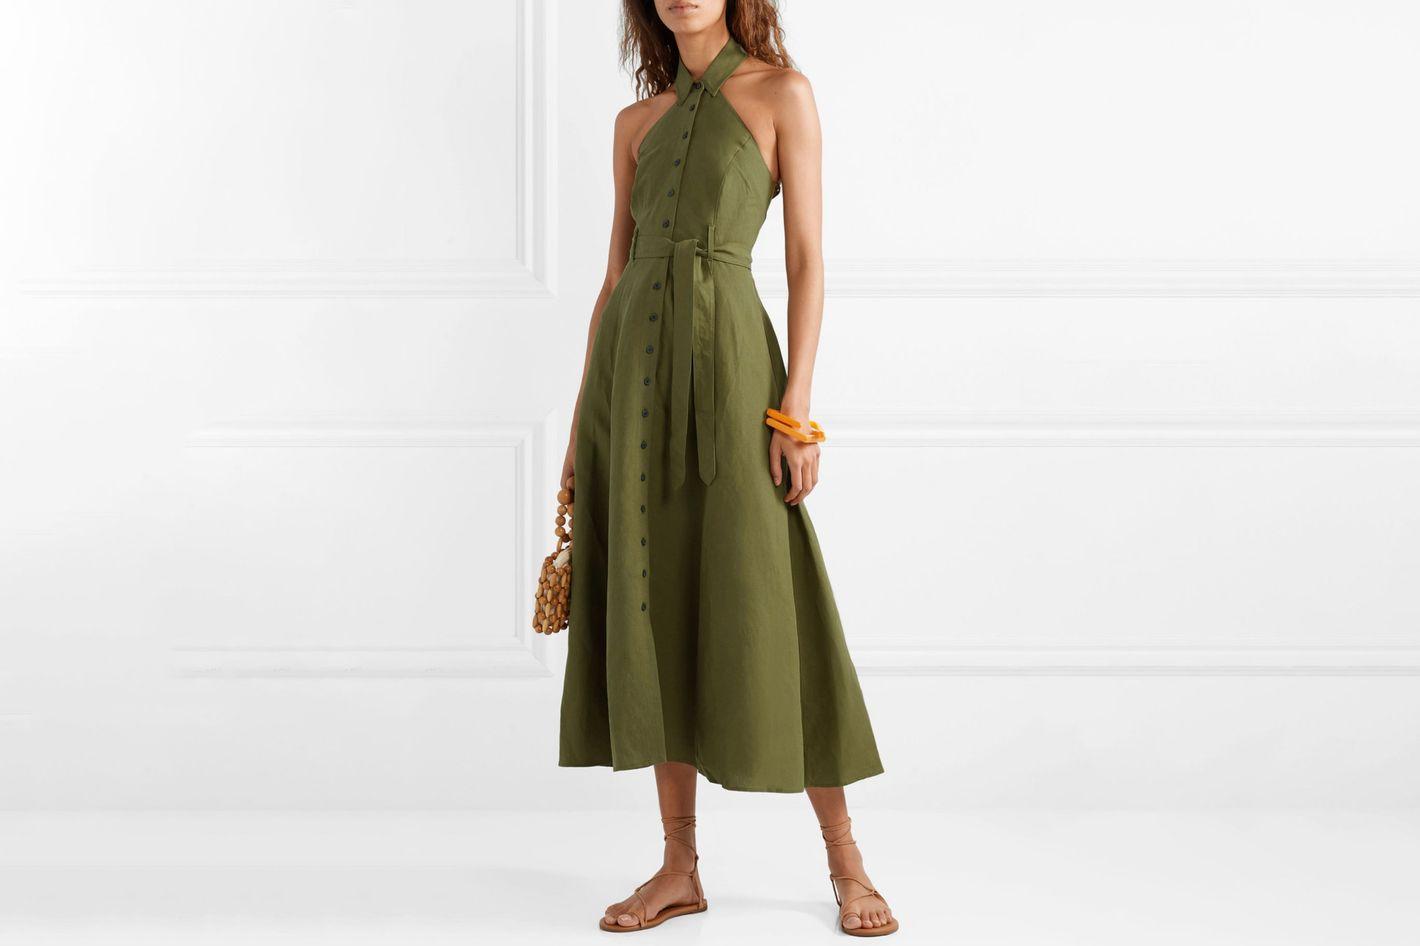 Mara Hoffman Rosemary Maxi Dress